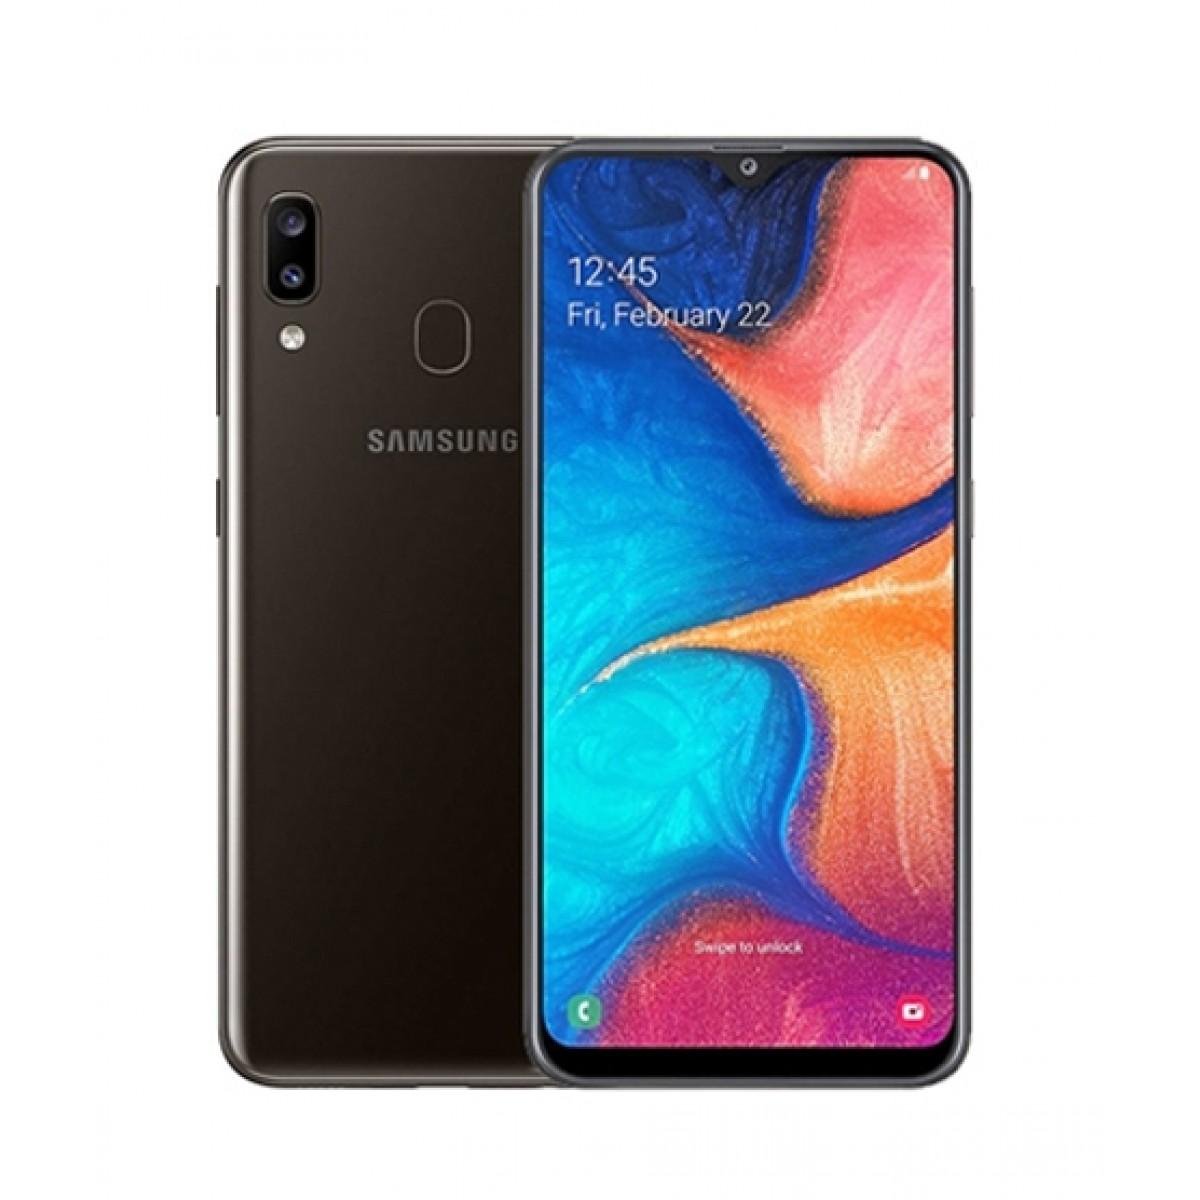 Samsung Galaxy A20 32GB Dual SIM Black - PTA Compliant